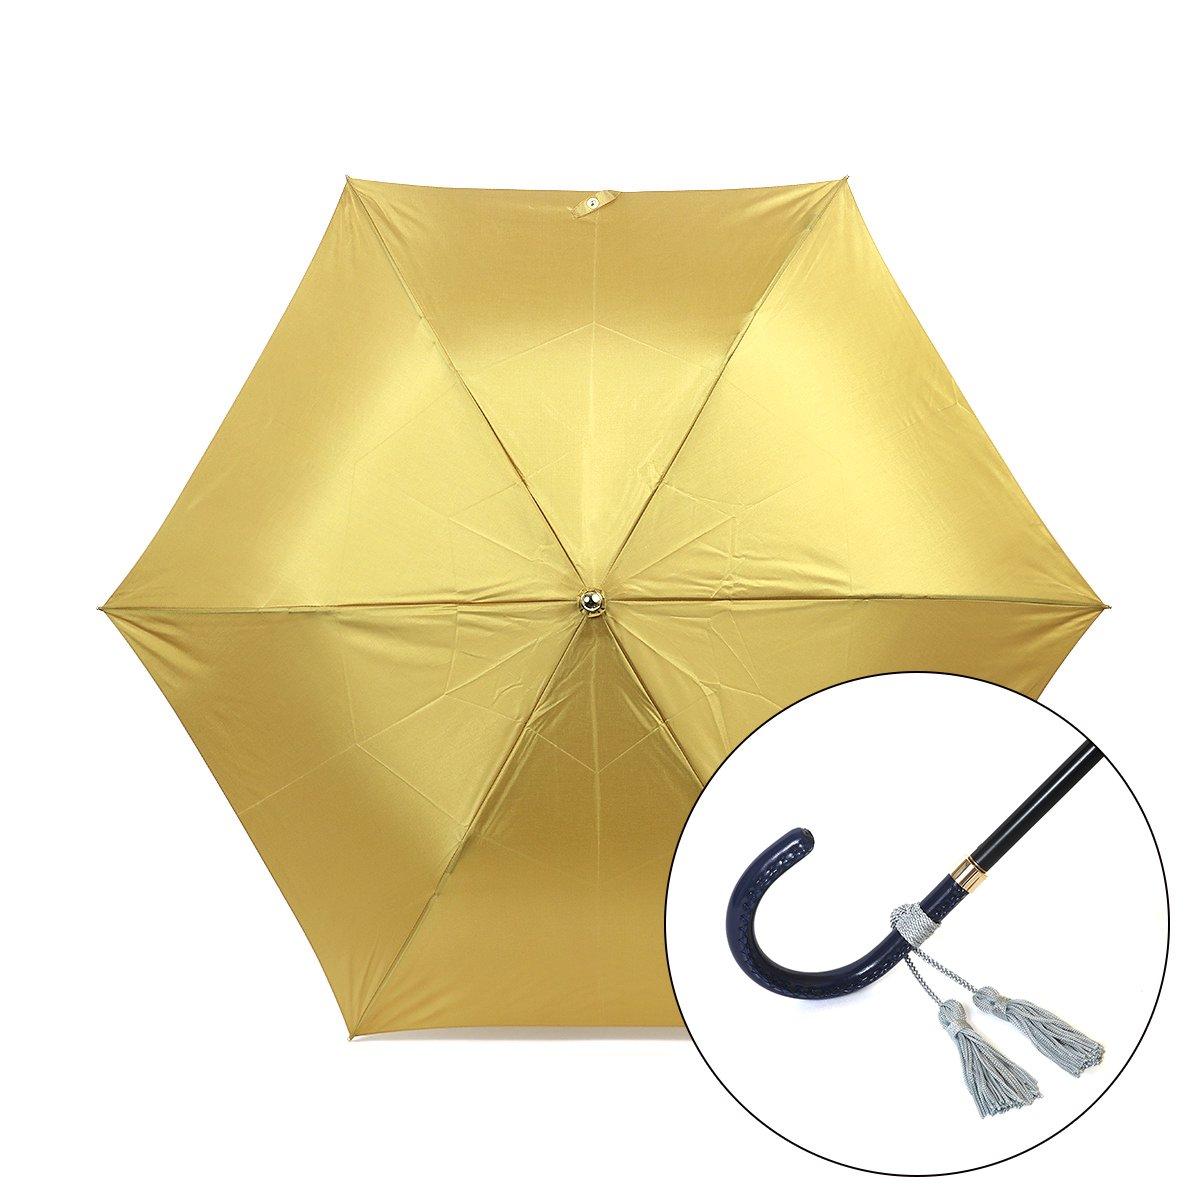 東京ノーブル 無地 折りたたみ傘 詳細画像16